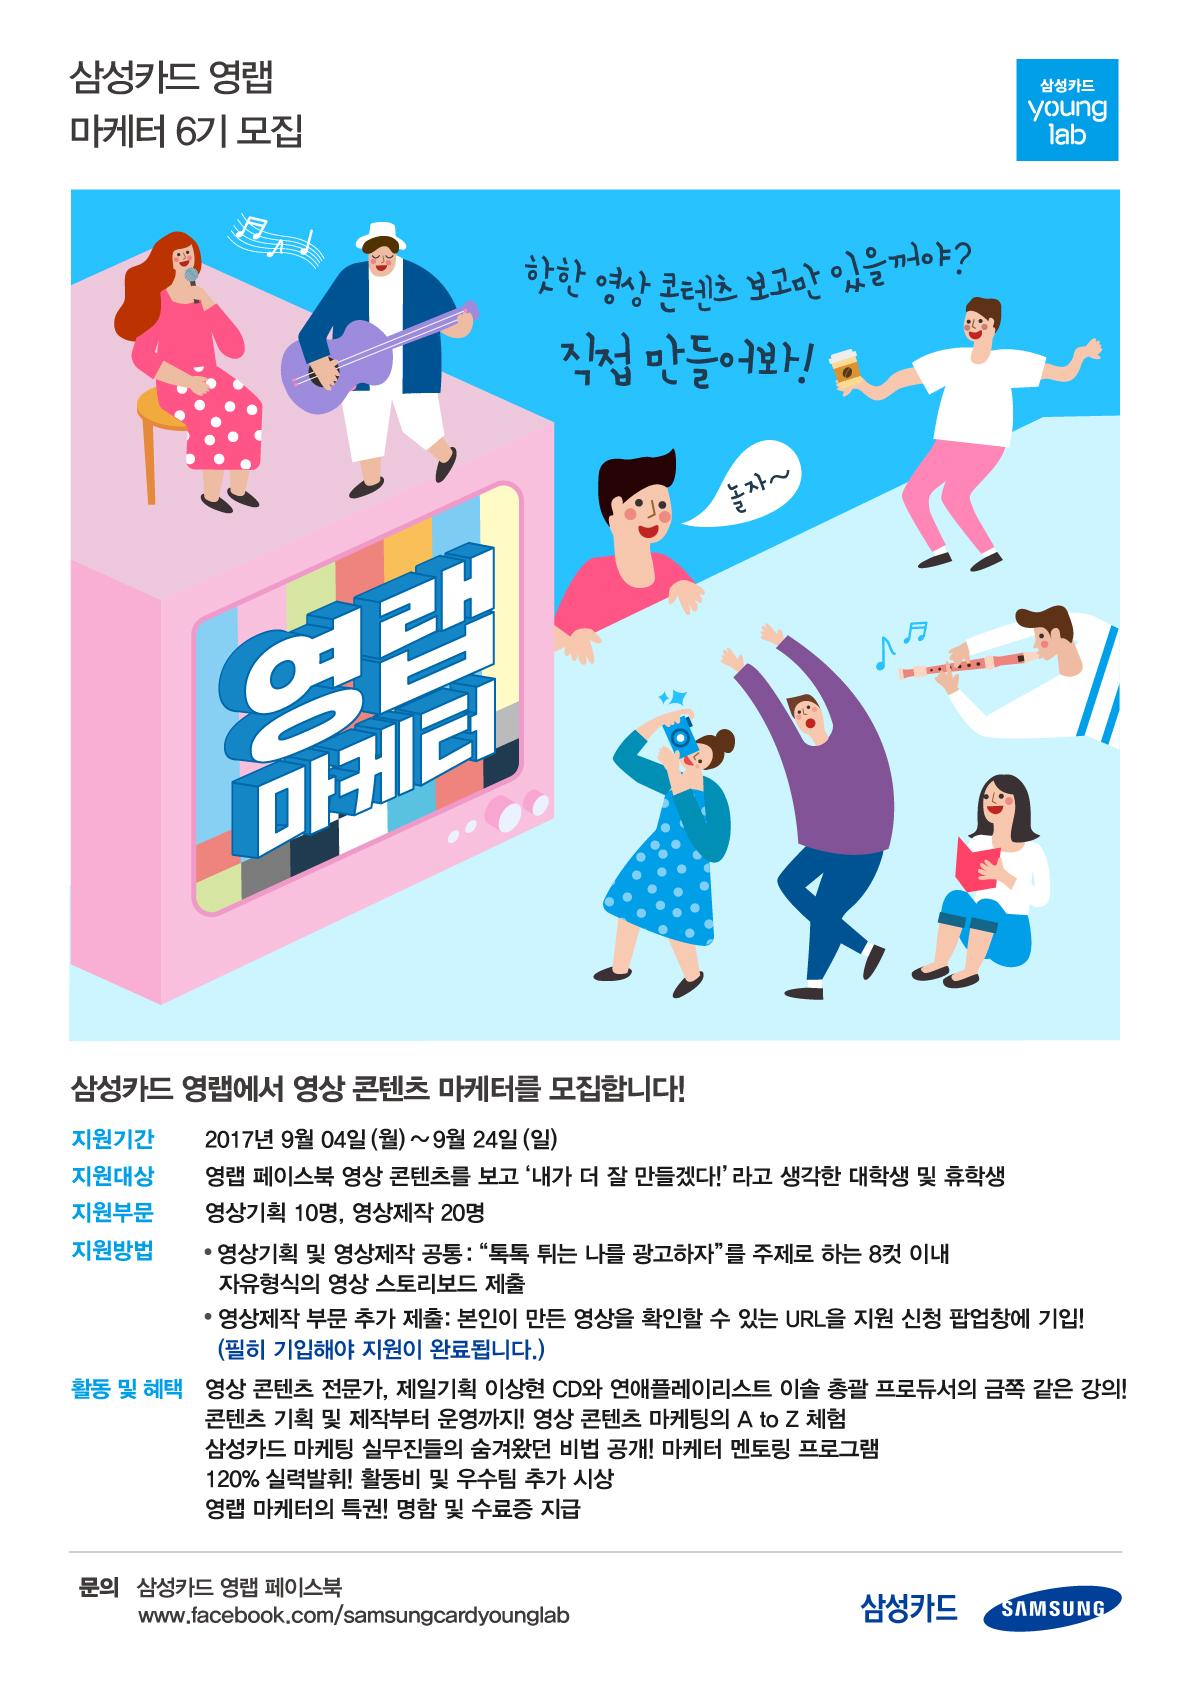 삼성카드 영랩 마케터 6기를 모집합니다.